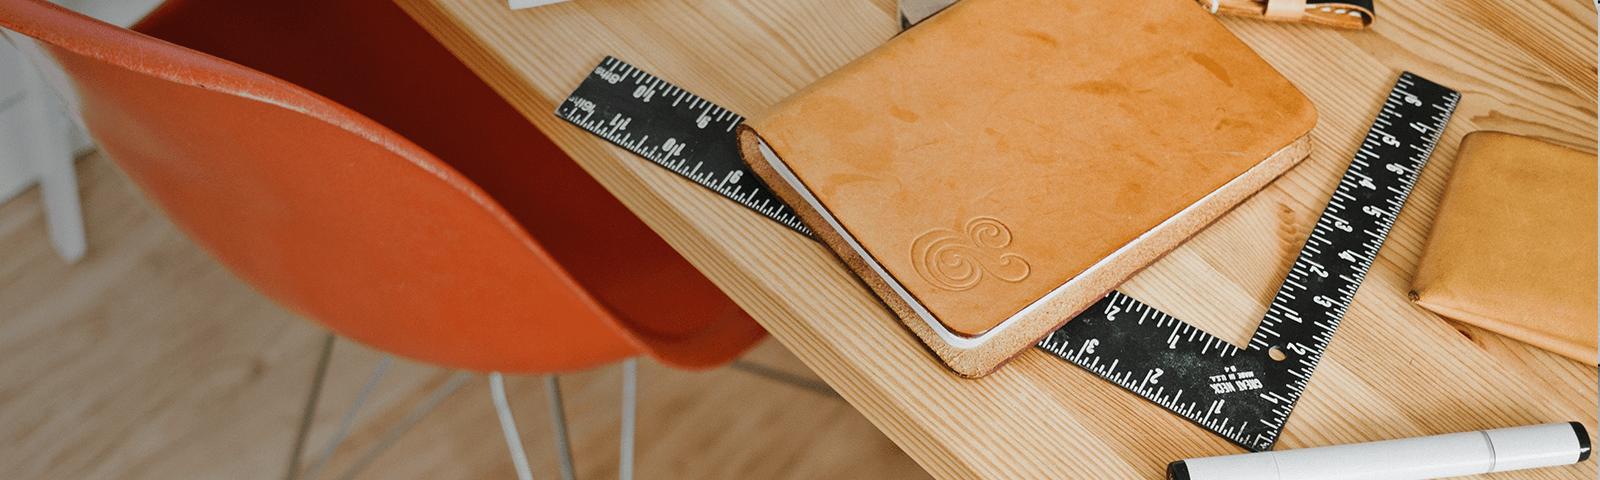 Briefpapiergestalten mit MeinBüro und dem Modul Designer